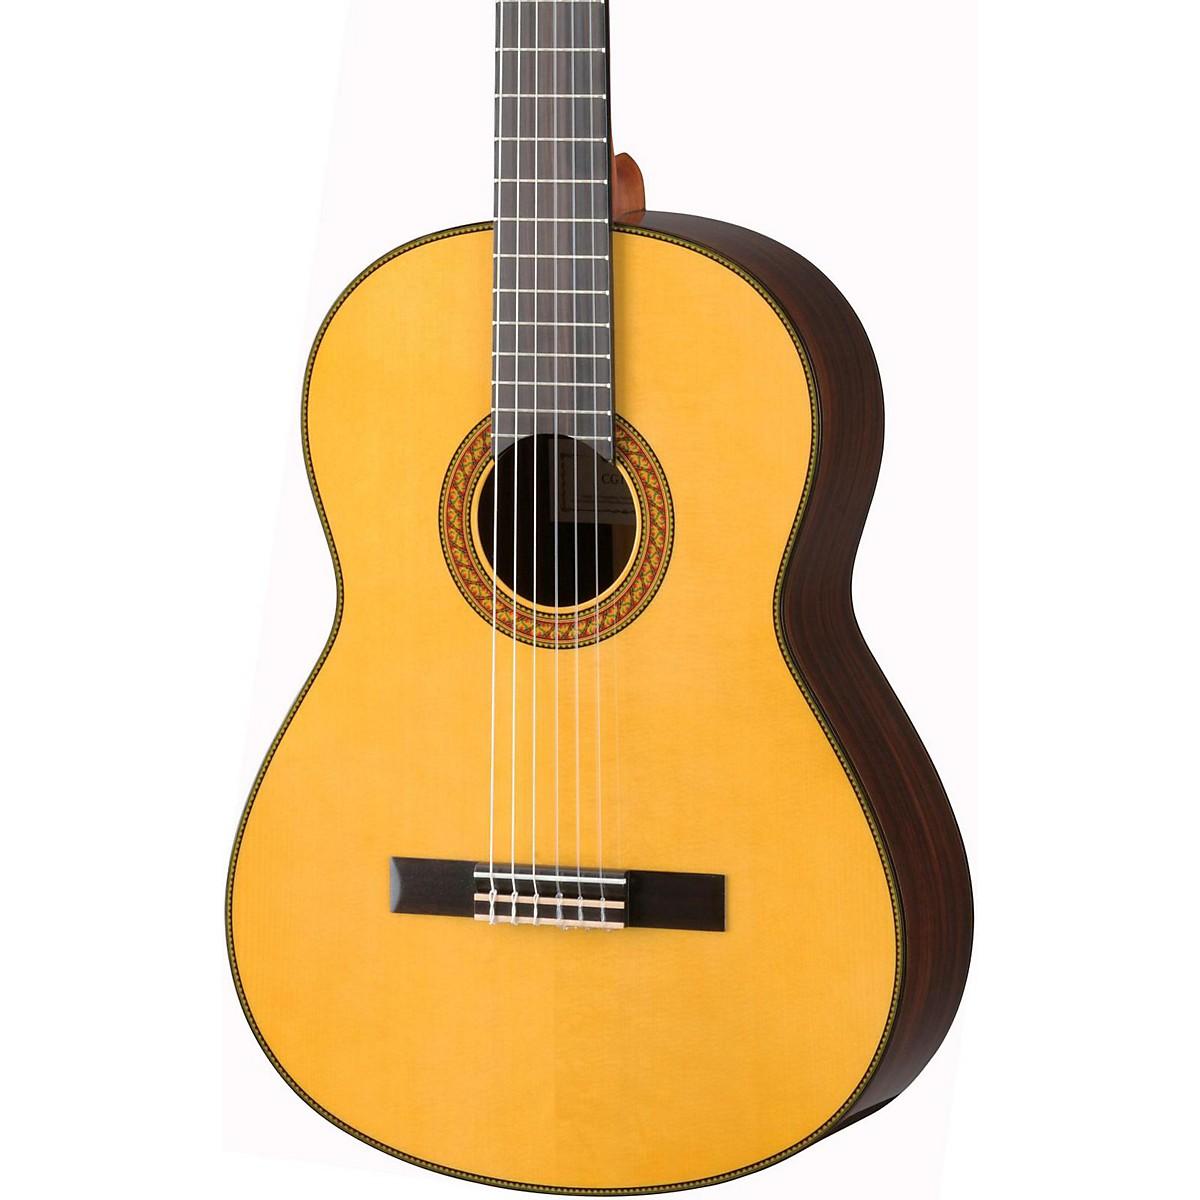 Yamaha CG192S Spruce Top Classical Guitar